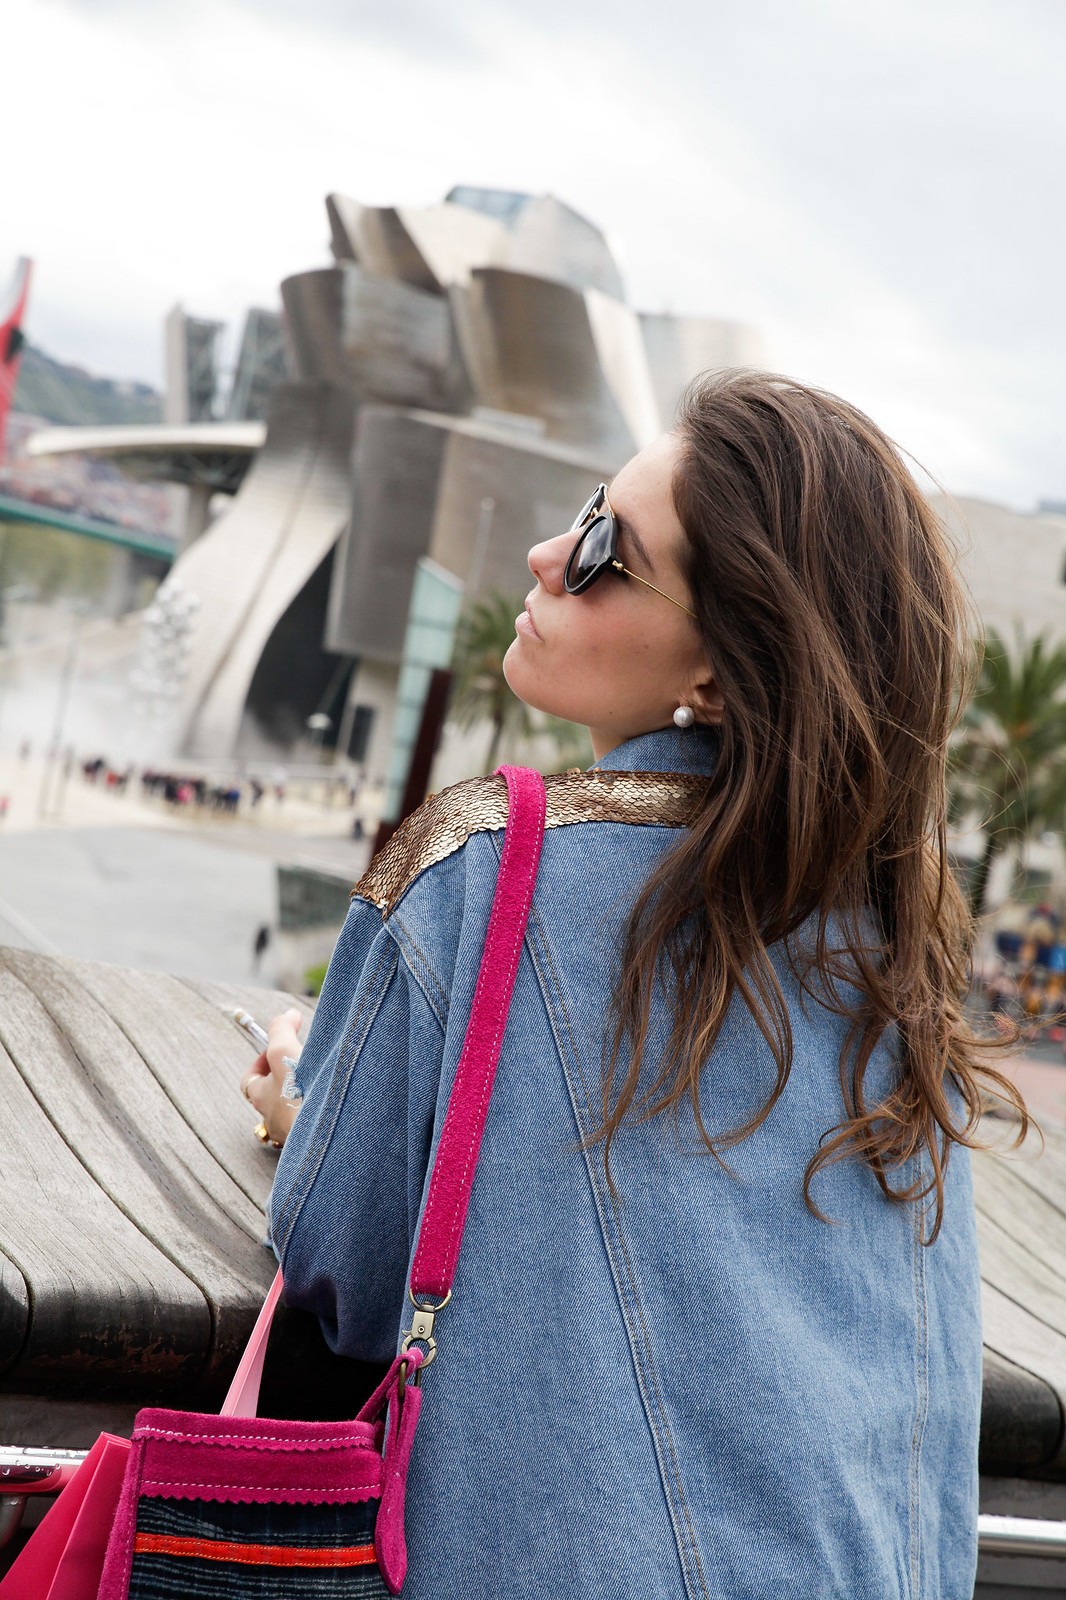 07_ 01_BILBAO_DIARY_que_hacer_en_bilbao_theguestgirl_blogger_influencer_bilbilbao_barcelona